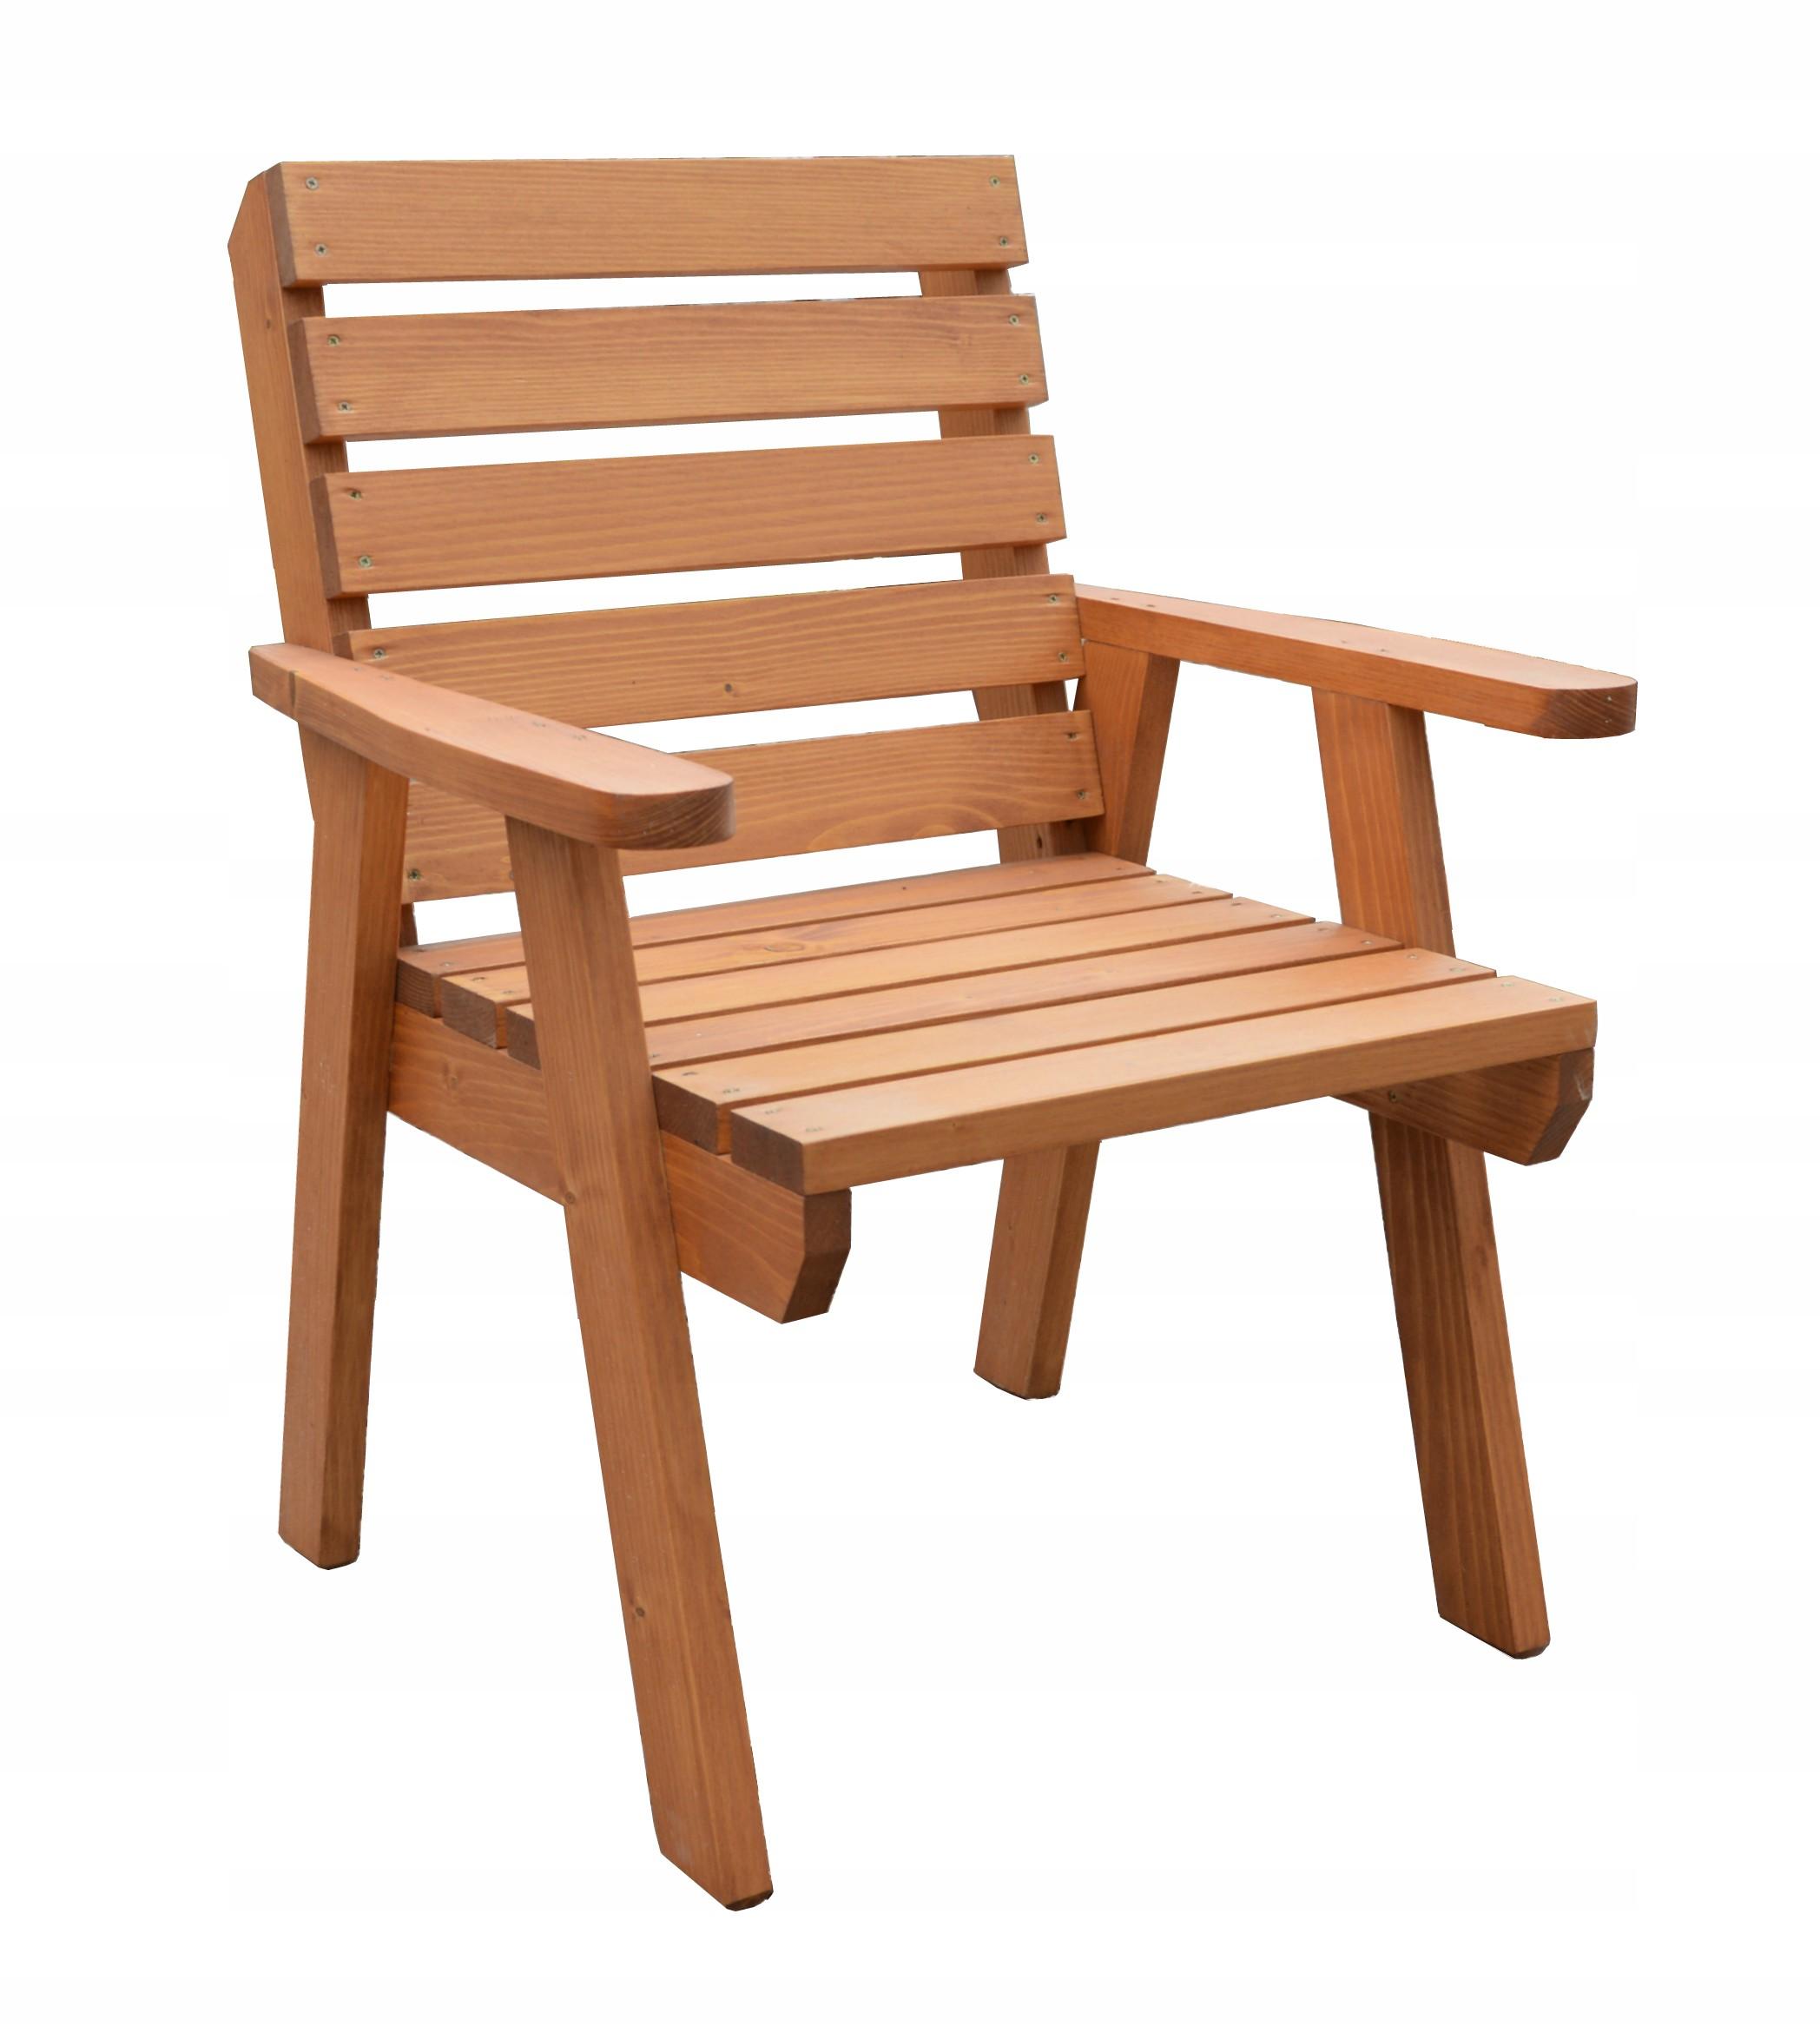 Fotel Ogrodowy Drewniany Krzesło Drewno Magnolia